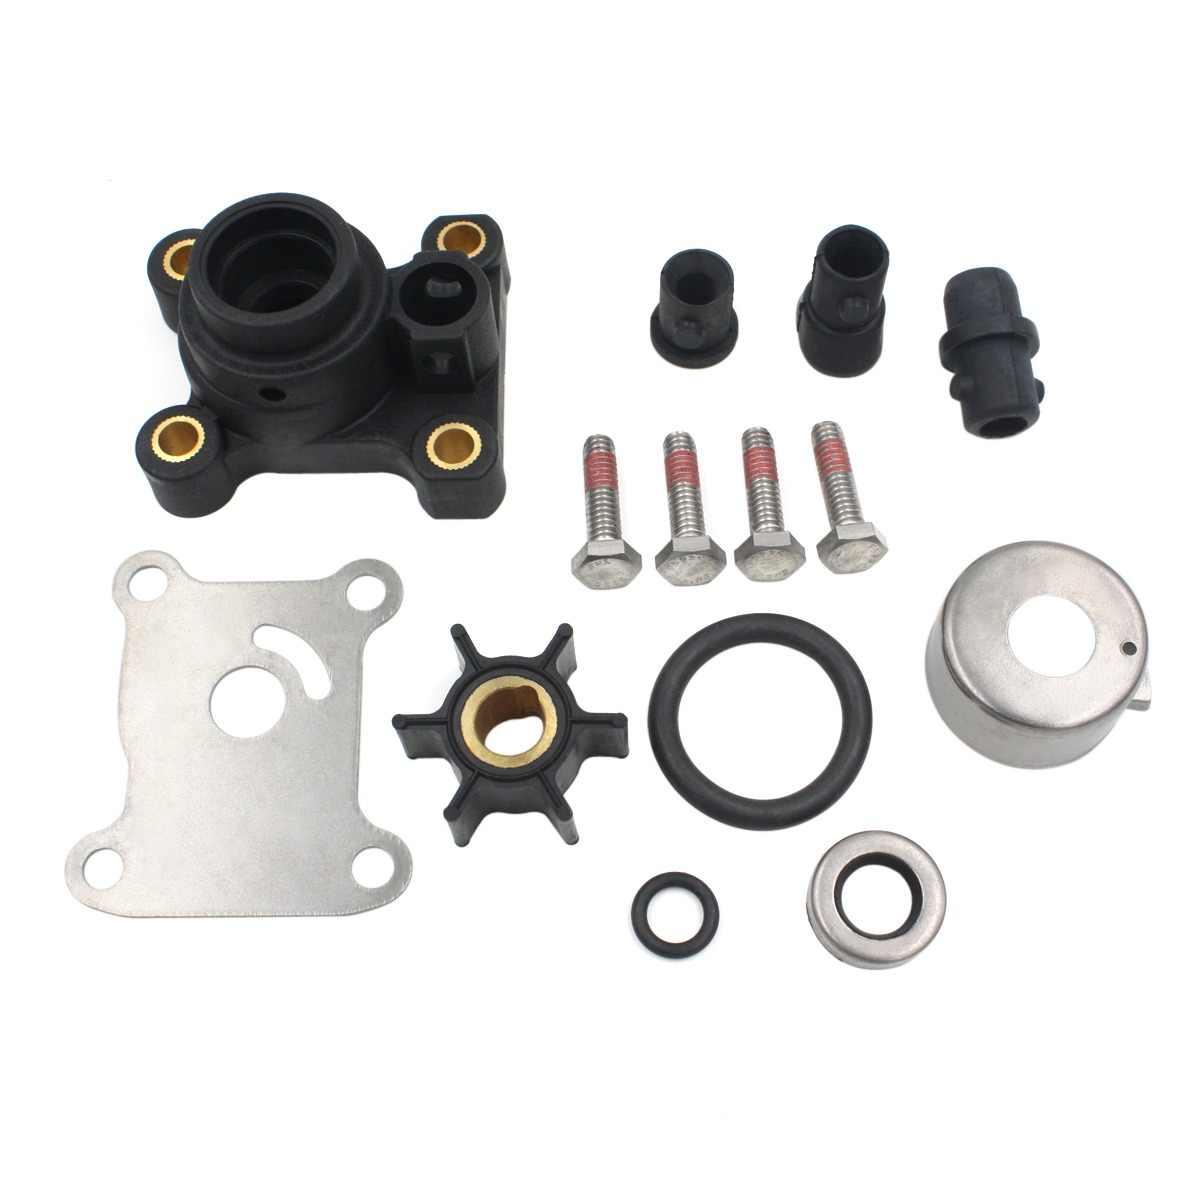 9 9hp 15hp impeller water pump repair kit for johnson evinrude 394711 0394711 391698 [ 1200 x 1200 Pixel ]